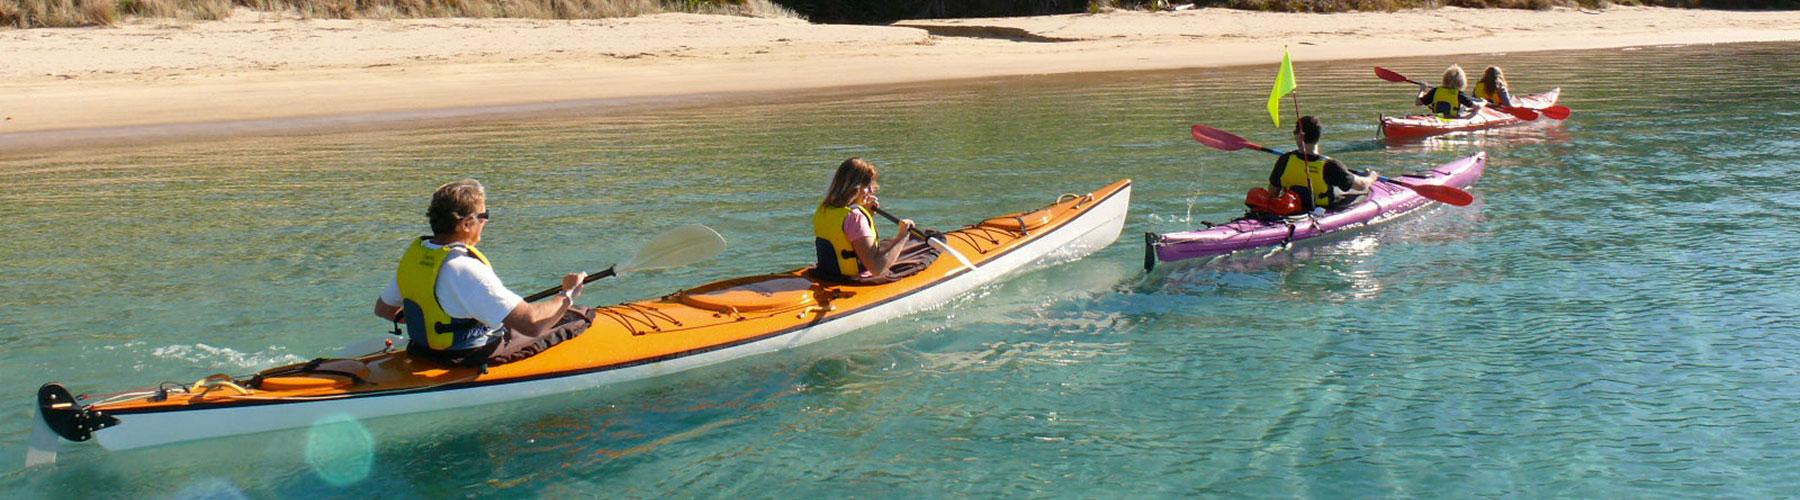 coastal kayakers grouping